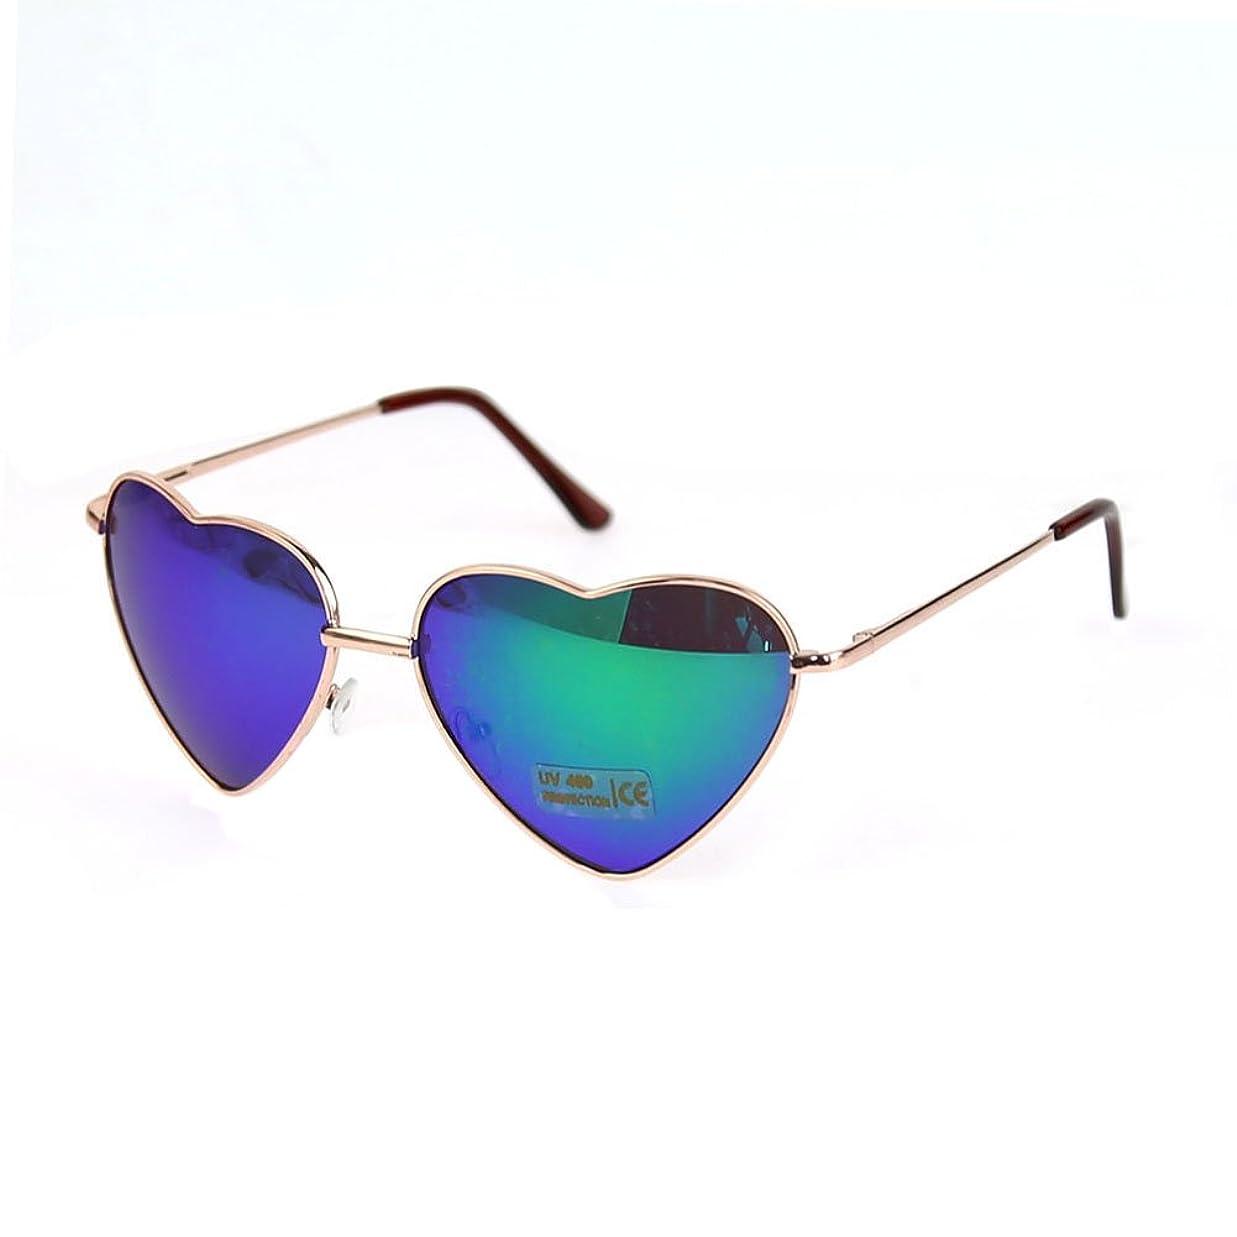 ウィンク評価可能蒸OUTEYE ファッション レトロ メタルフレーム ハート型 シェイプ グラデーション サングラス アイウェア 色眼鏡 太陽鏡 紫外線カット(グリーン)